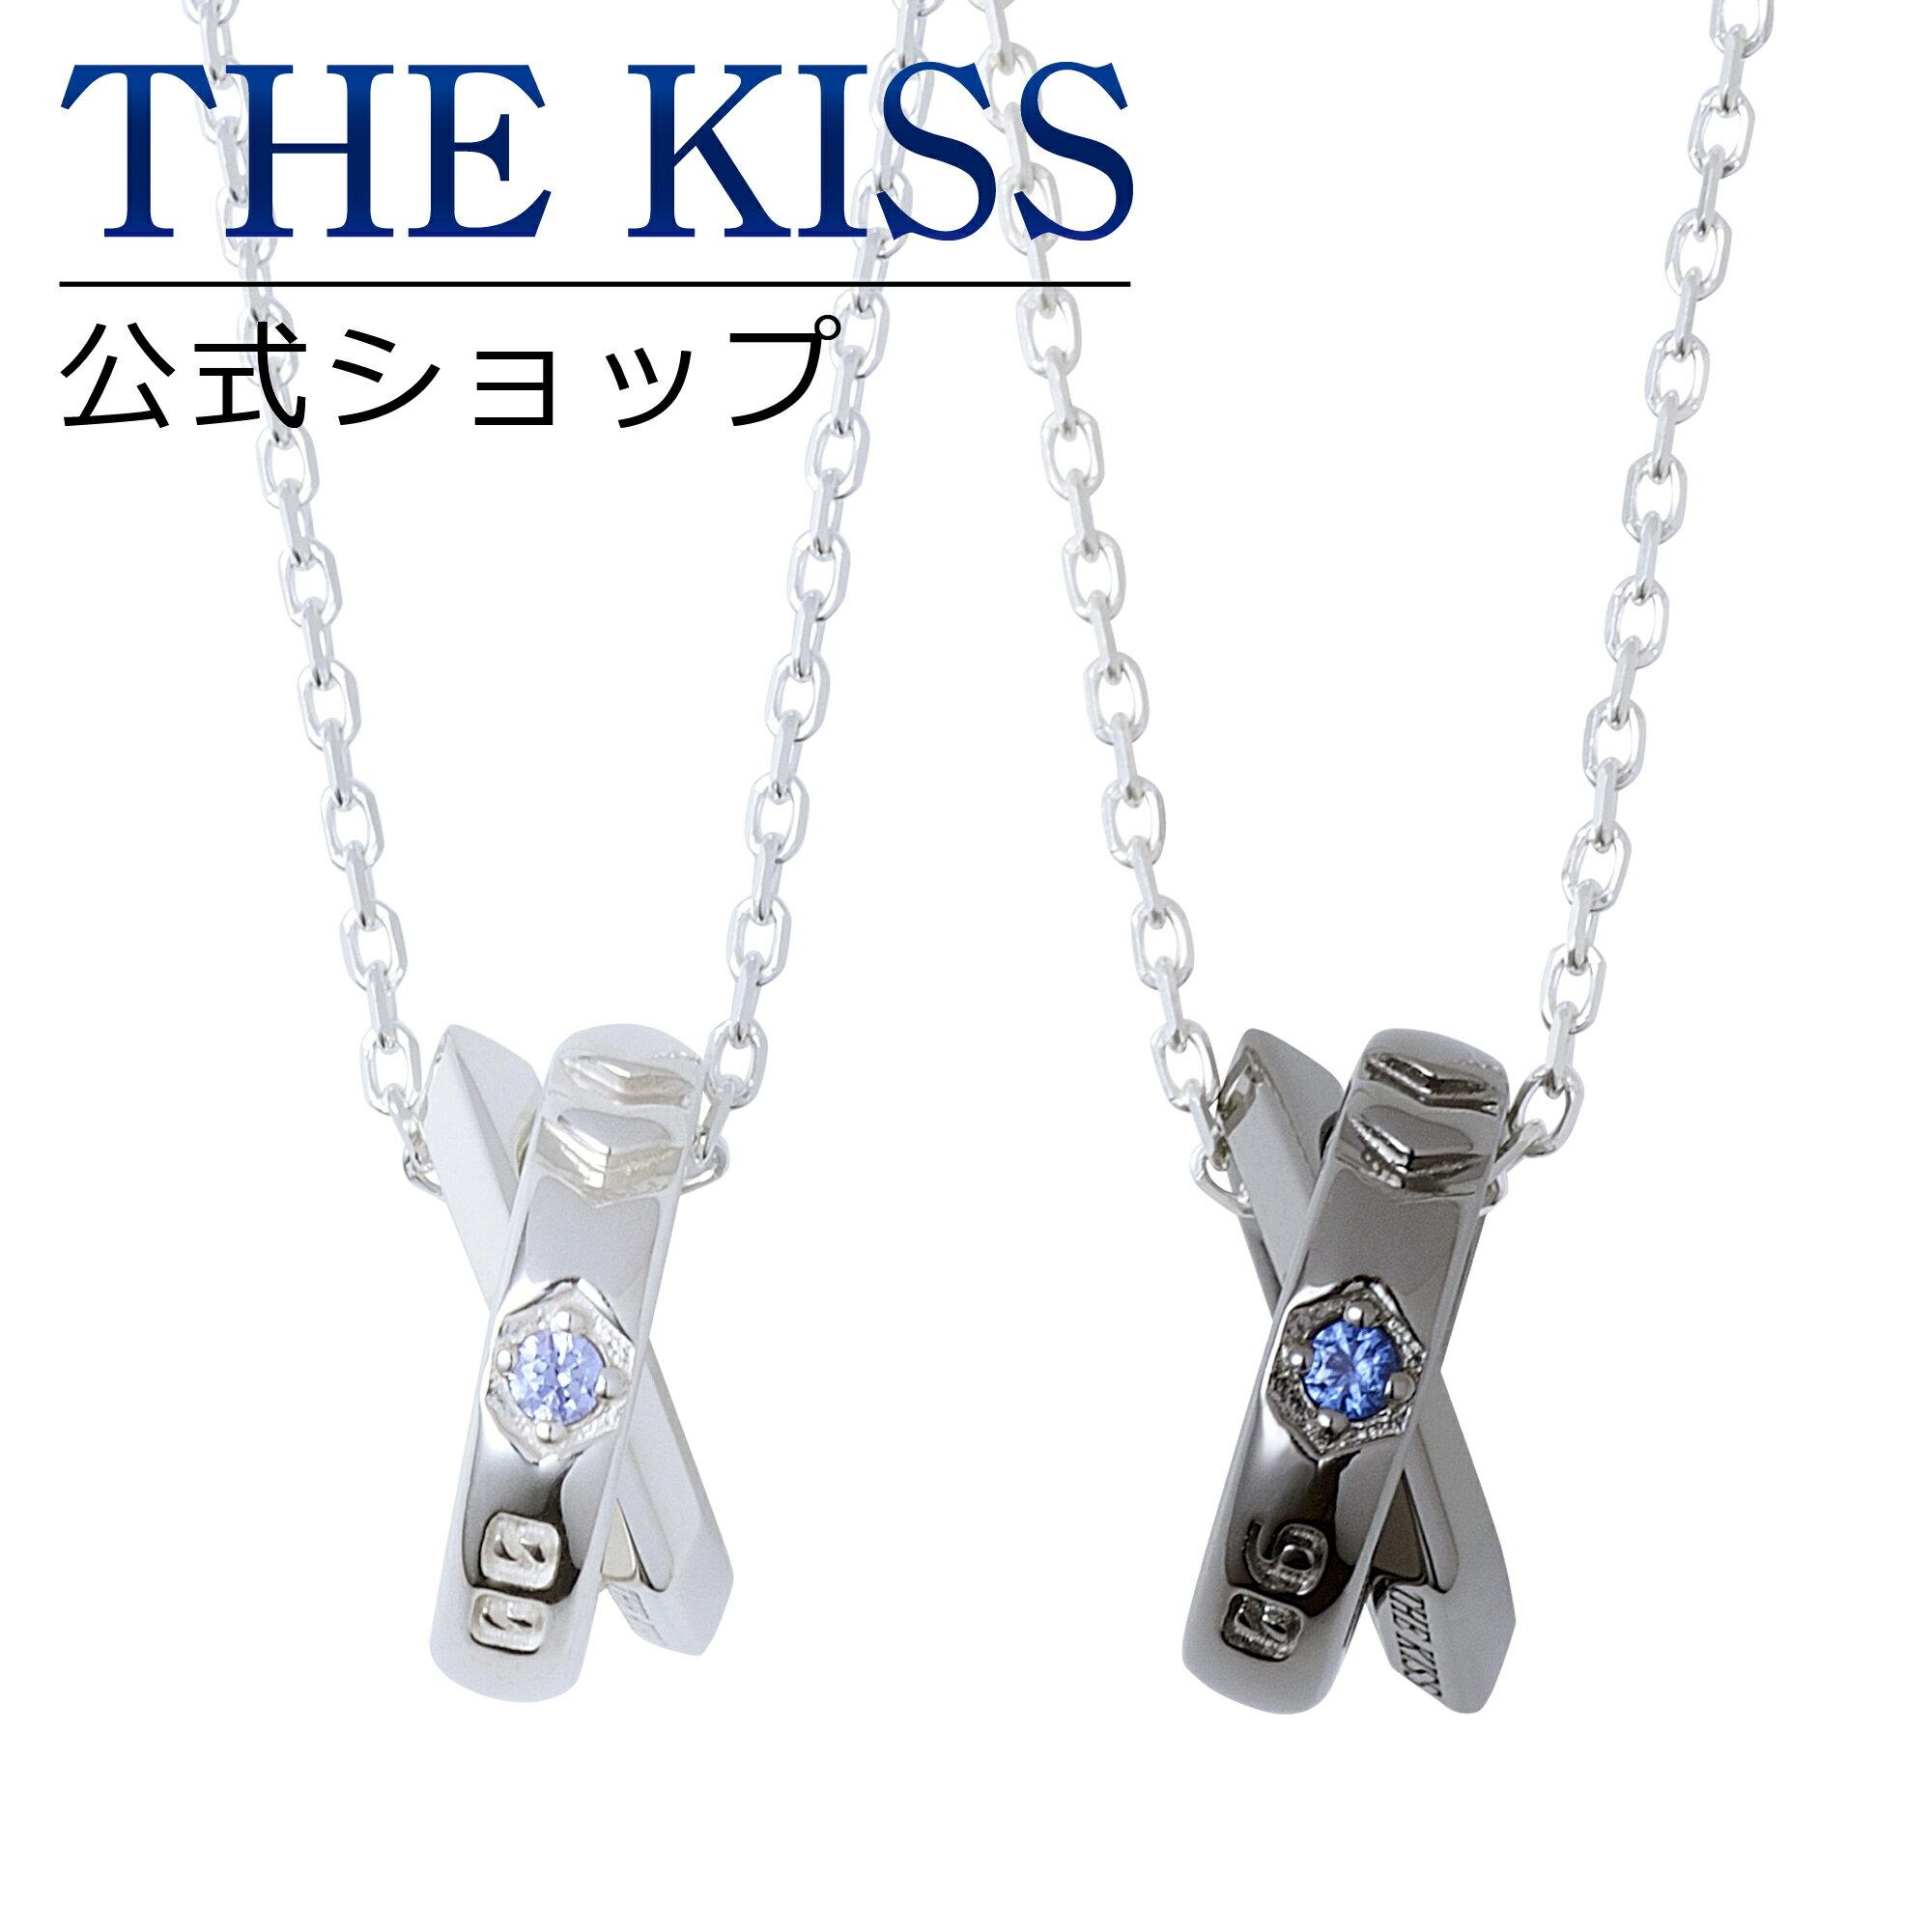 ペアアクセサリー, ペアネックレス・ペンダント THE KISS Mark.06 EVANGELION THE KISS THEKISS 2 EVSN-40-EVSN-42